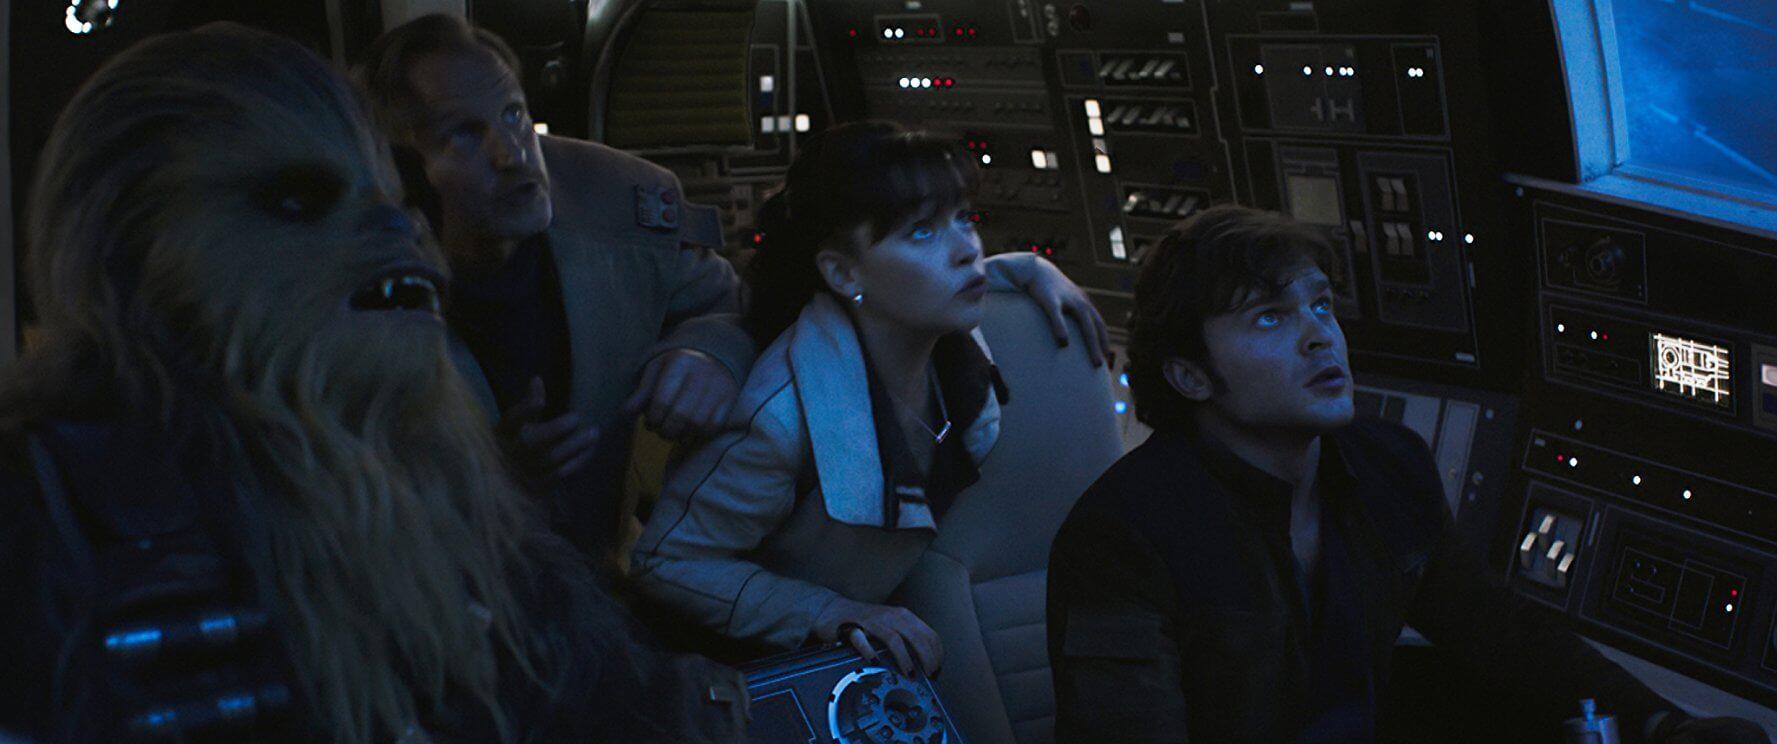 Han Solo Filmi Solo: A Star Wars Story'a Beastie Boys Düzenlemesi